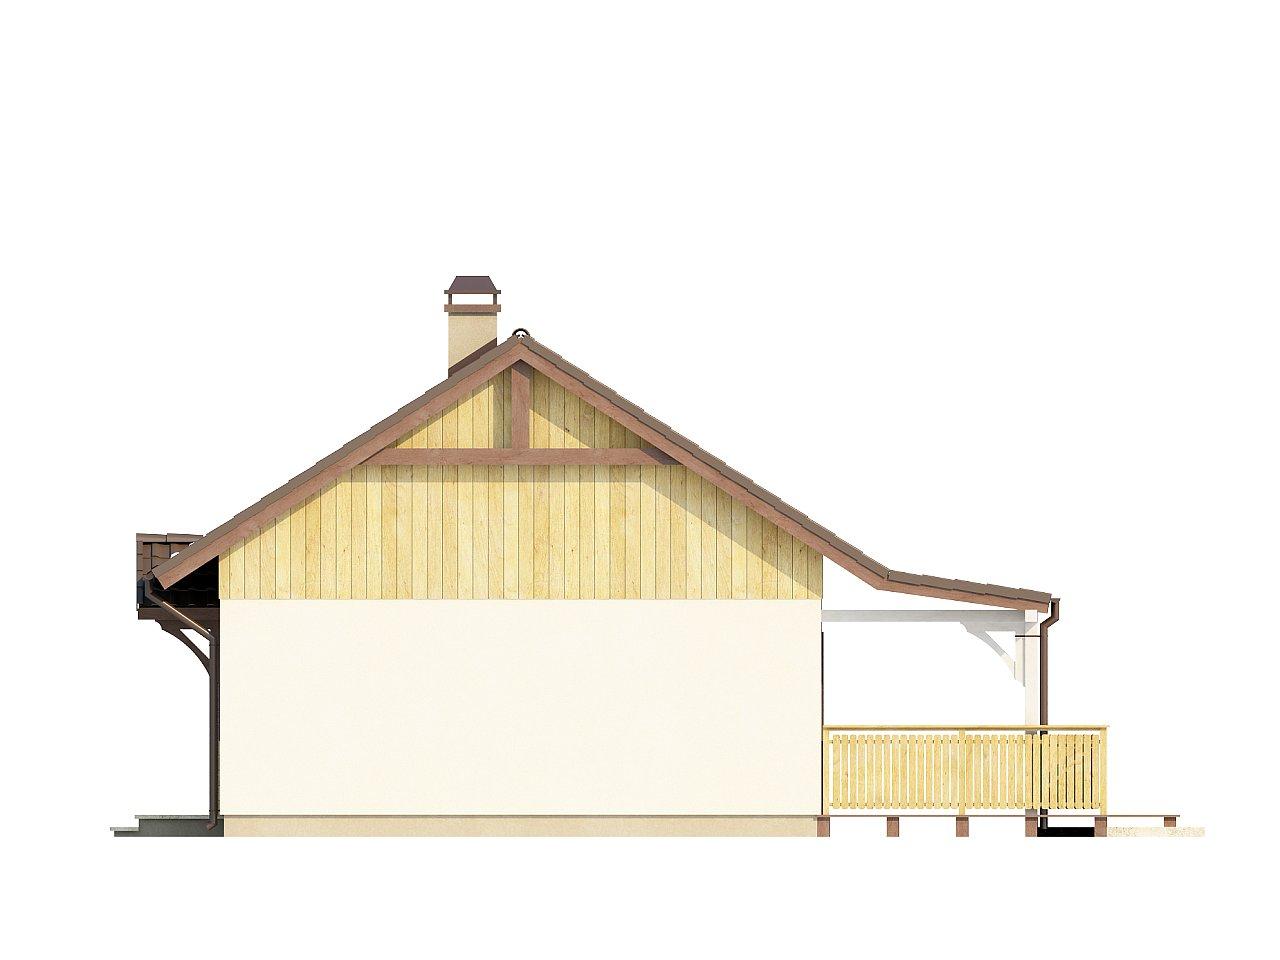 Выгодный в строительстве и эксплуатации маленький одноэтажный дом с крытой террасой. 14